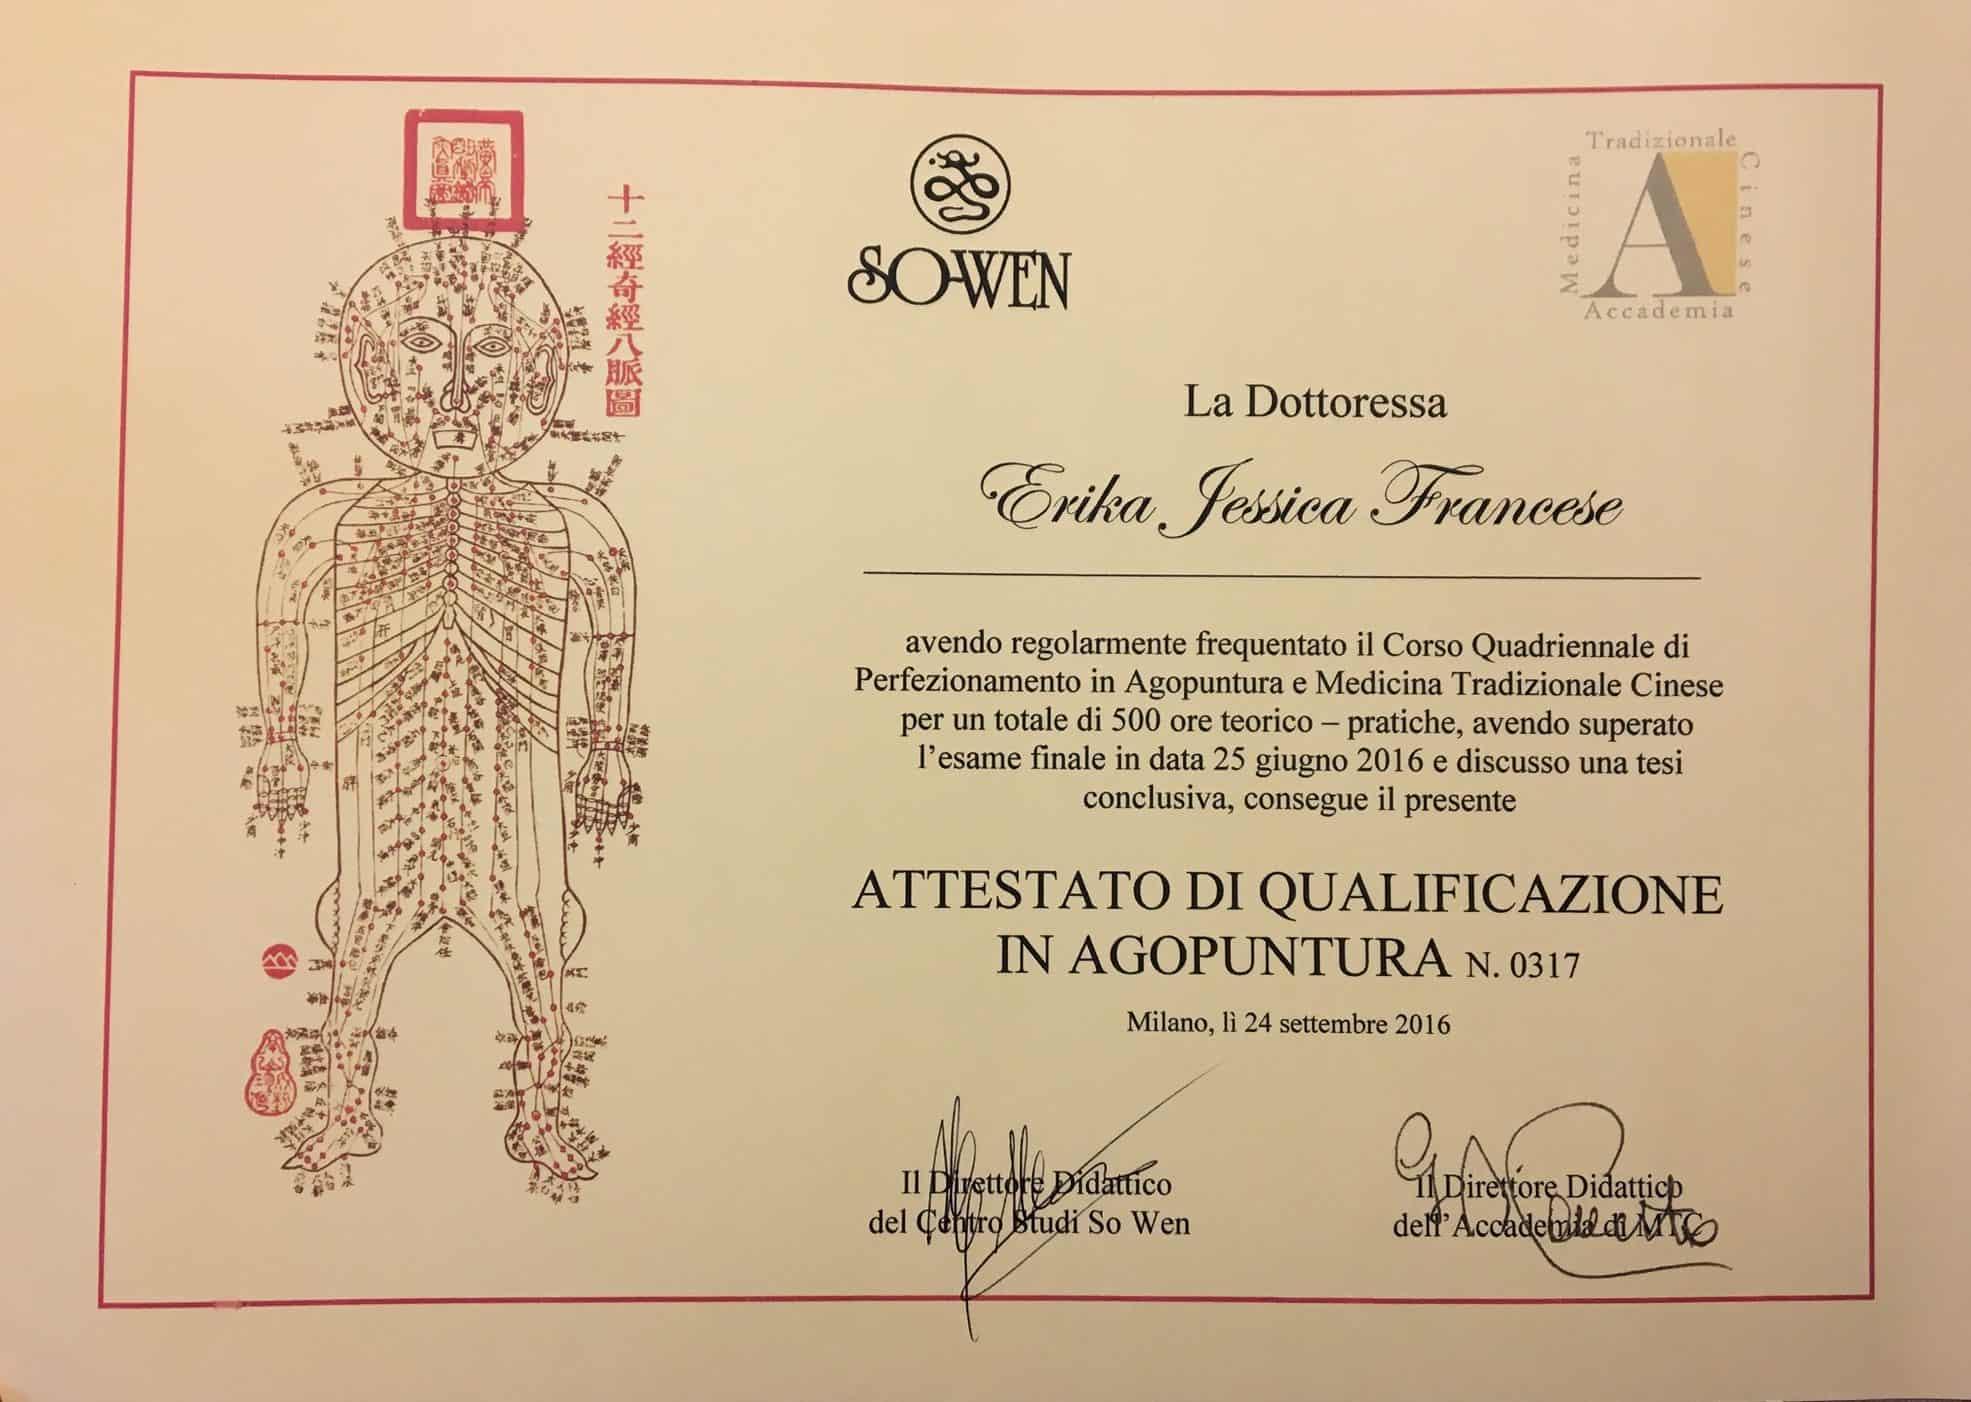 Diploma in Agopuntura e Medicina Tradizionale